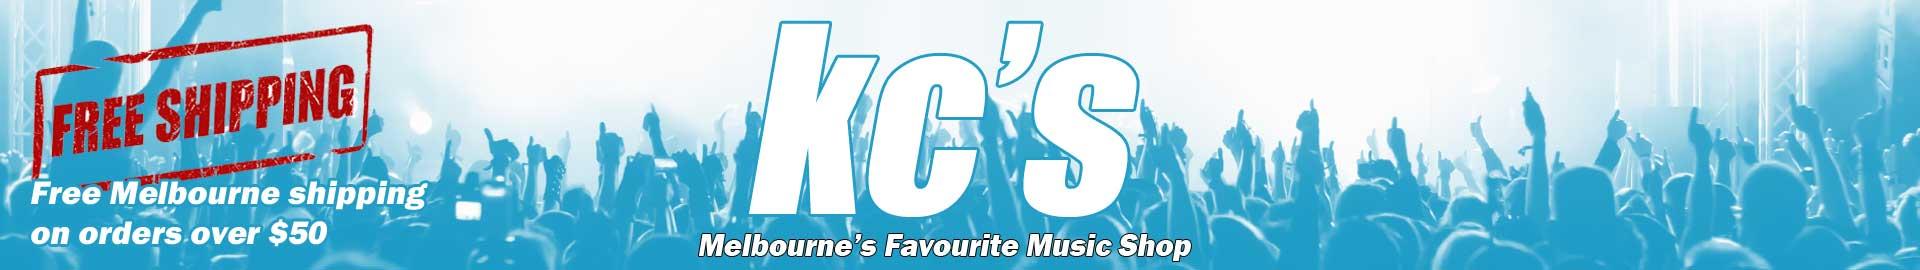 Melbournes Best Music Shop